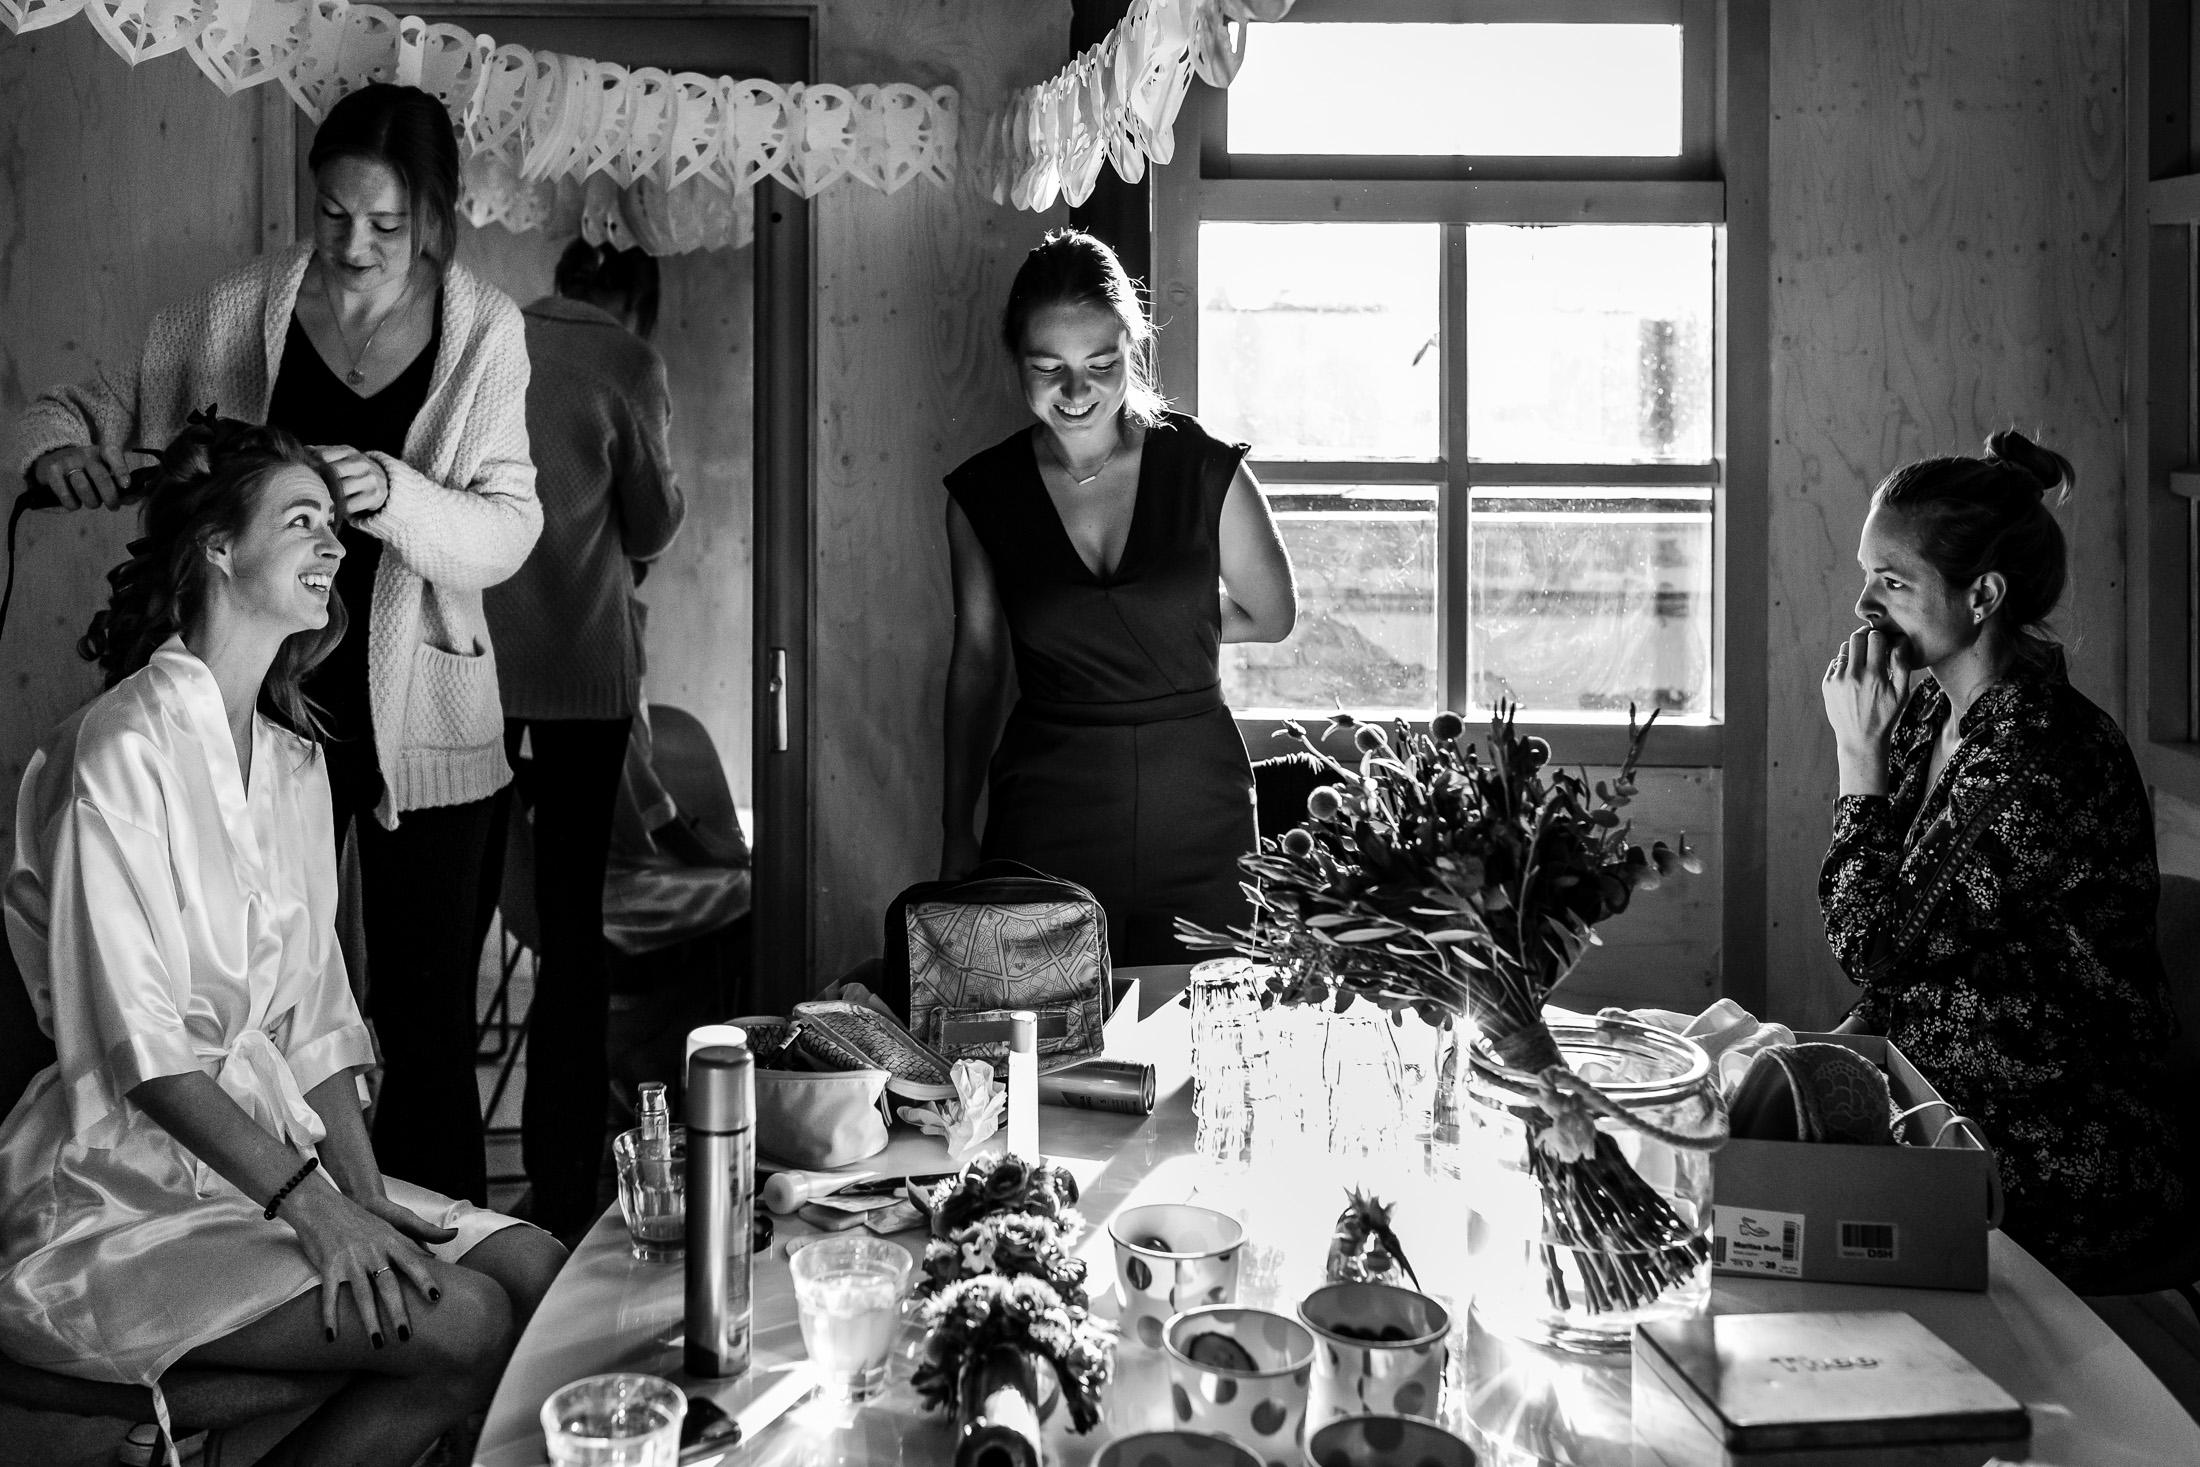 Industriële trouwlocatie | Trouwfotograaf Gelderland | Gelderlandfabriek | Trouwfotograaf Culemborg